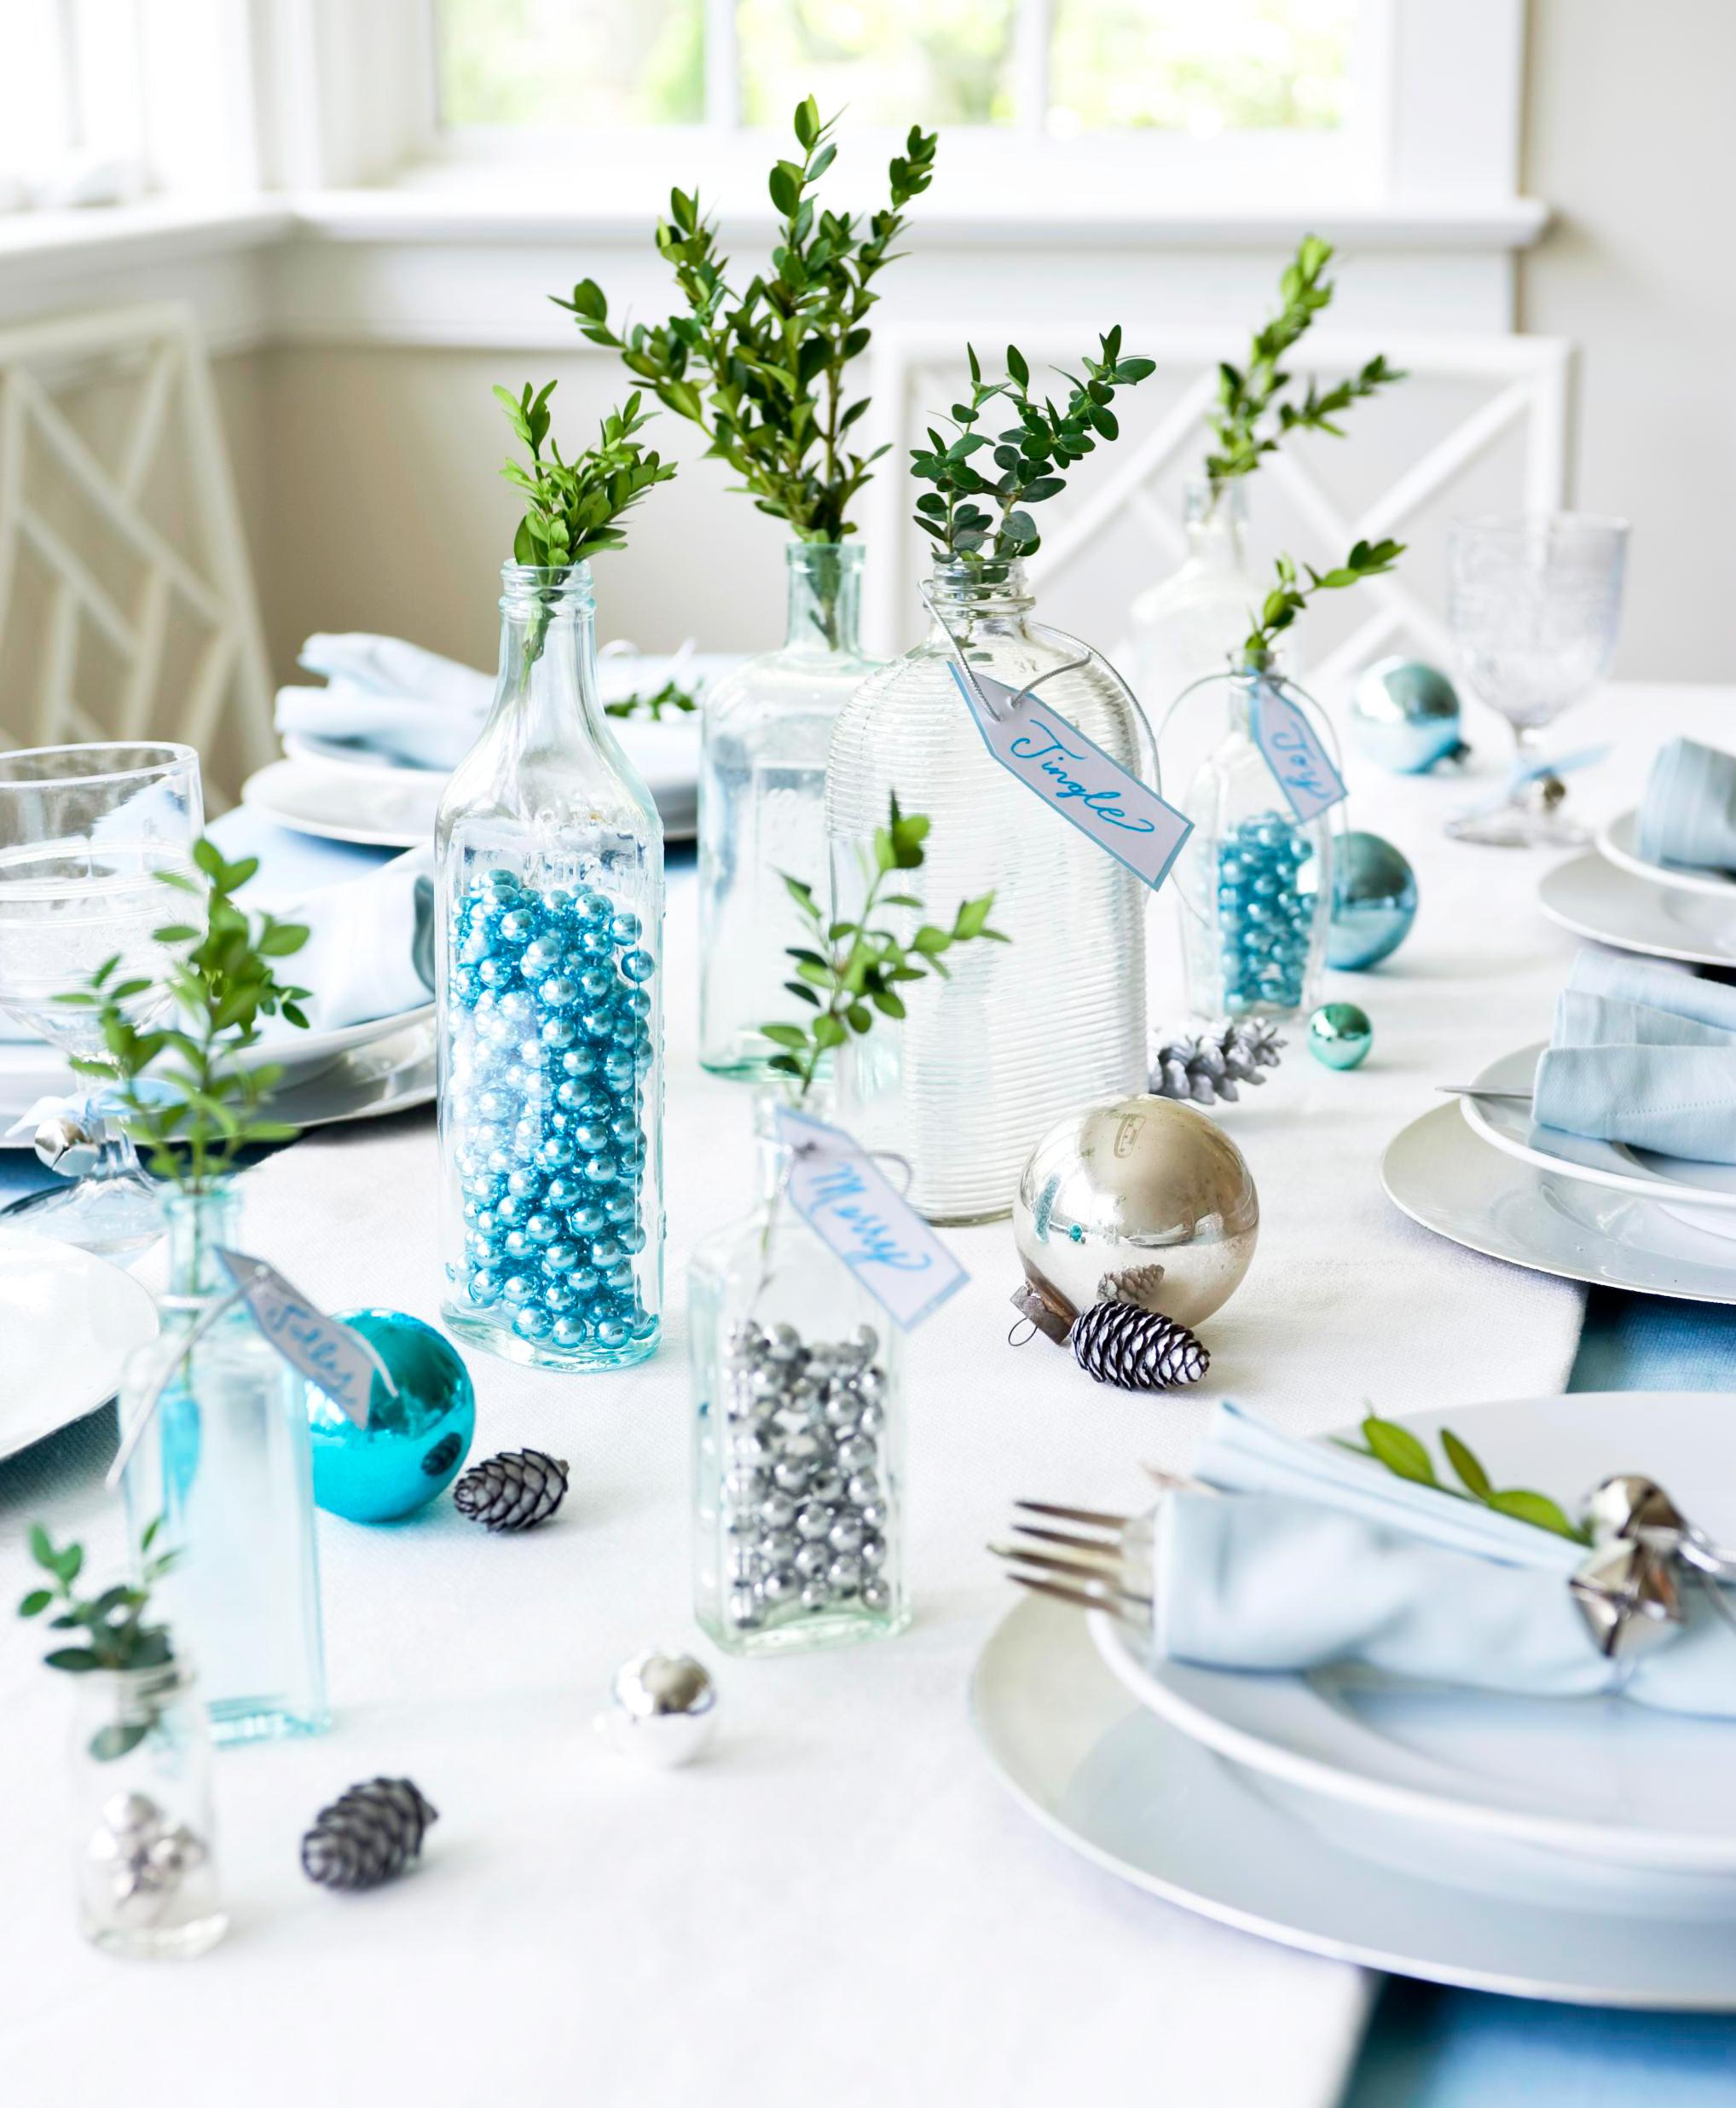 Christmas centerpiece ideas: glass bottles